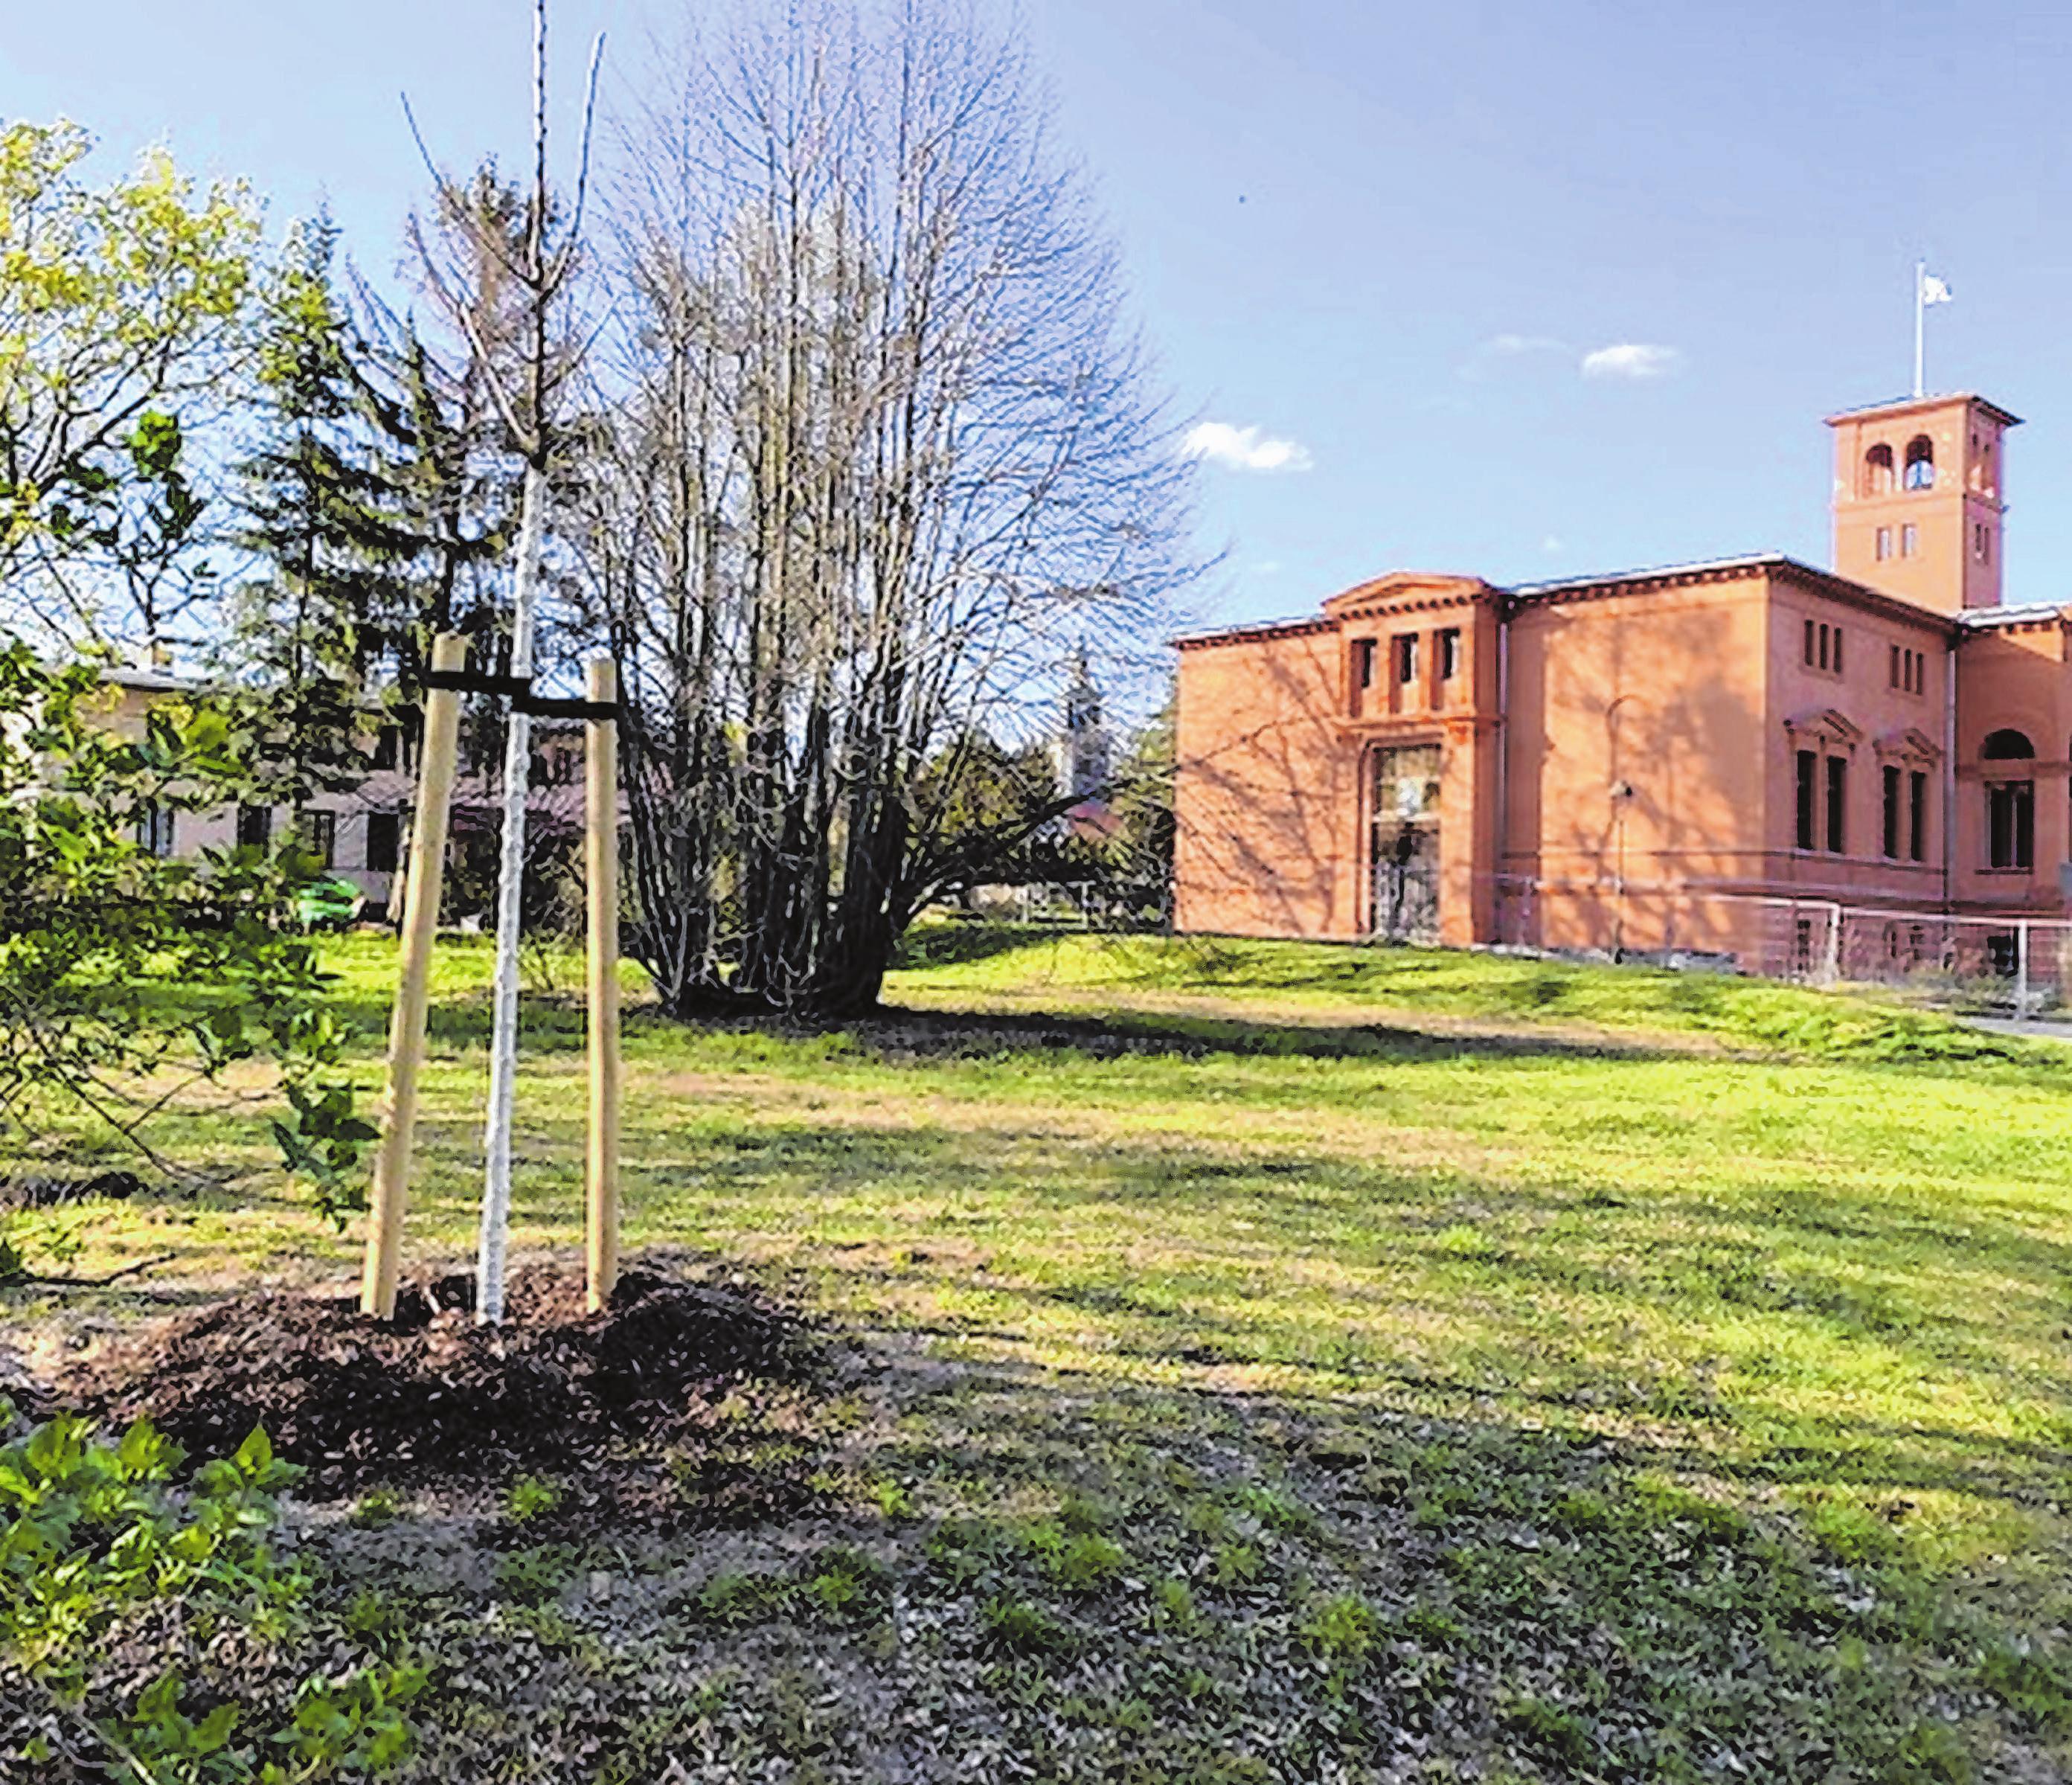 Baumnachpflanzungen im Park der Turm-Villa in Dahlwitz-Hoppegarten Foto: Firma Kracht Gala Bau GmbH